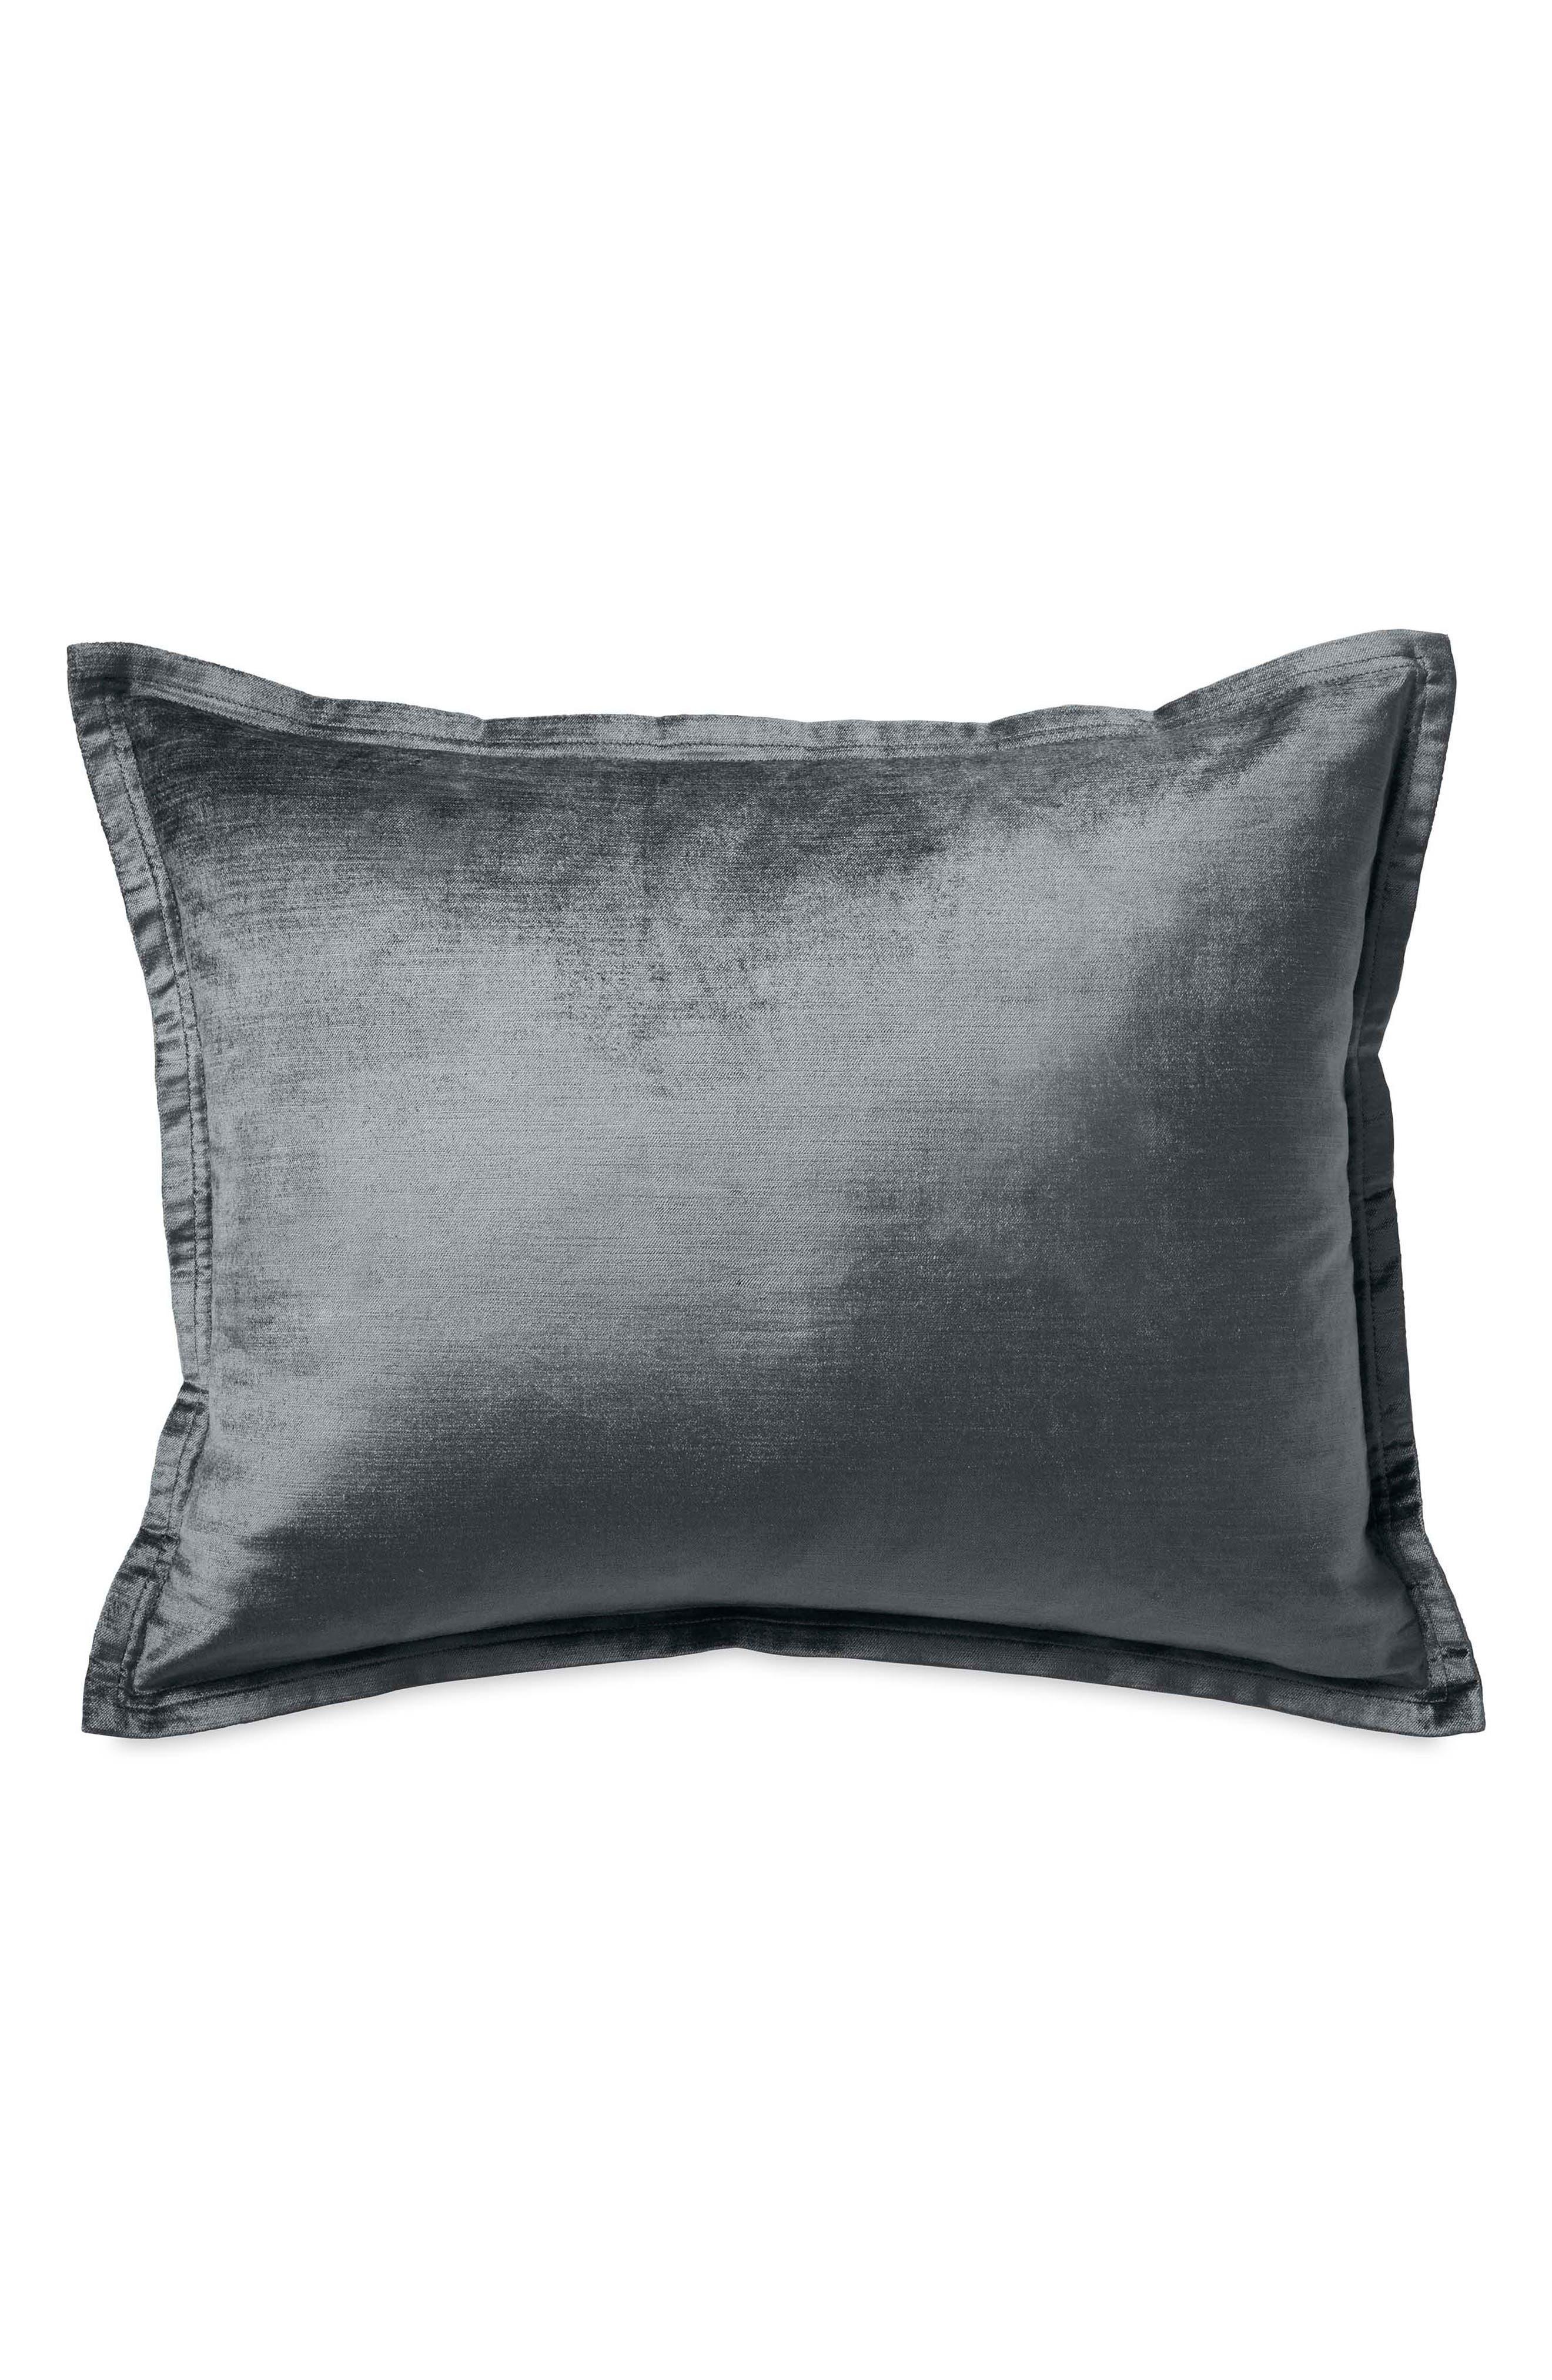 Exhale Pillow,                             Main thumbnail 1, color,                             020